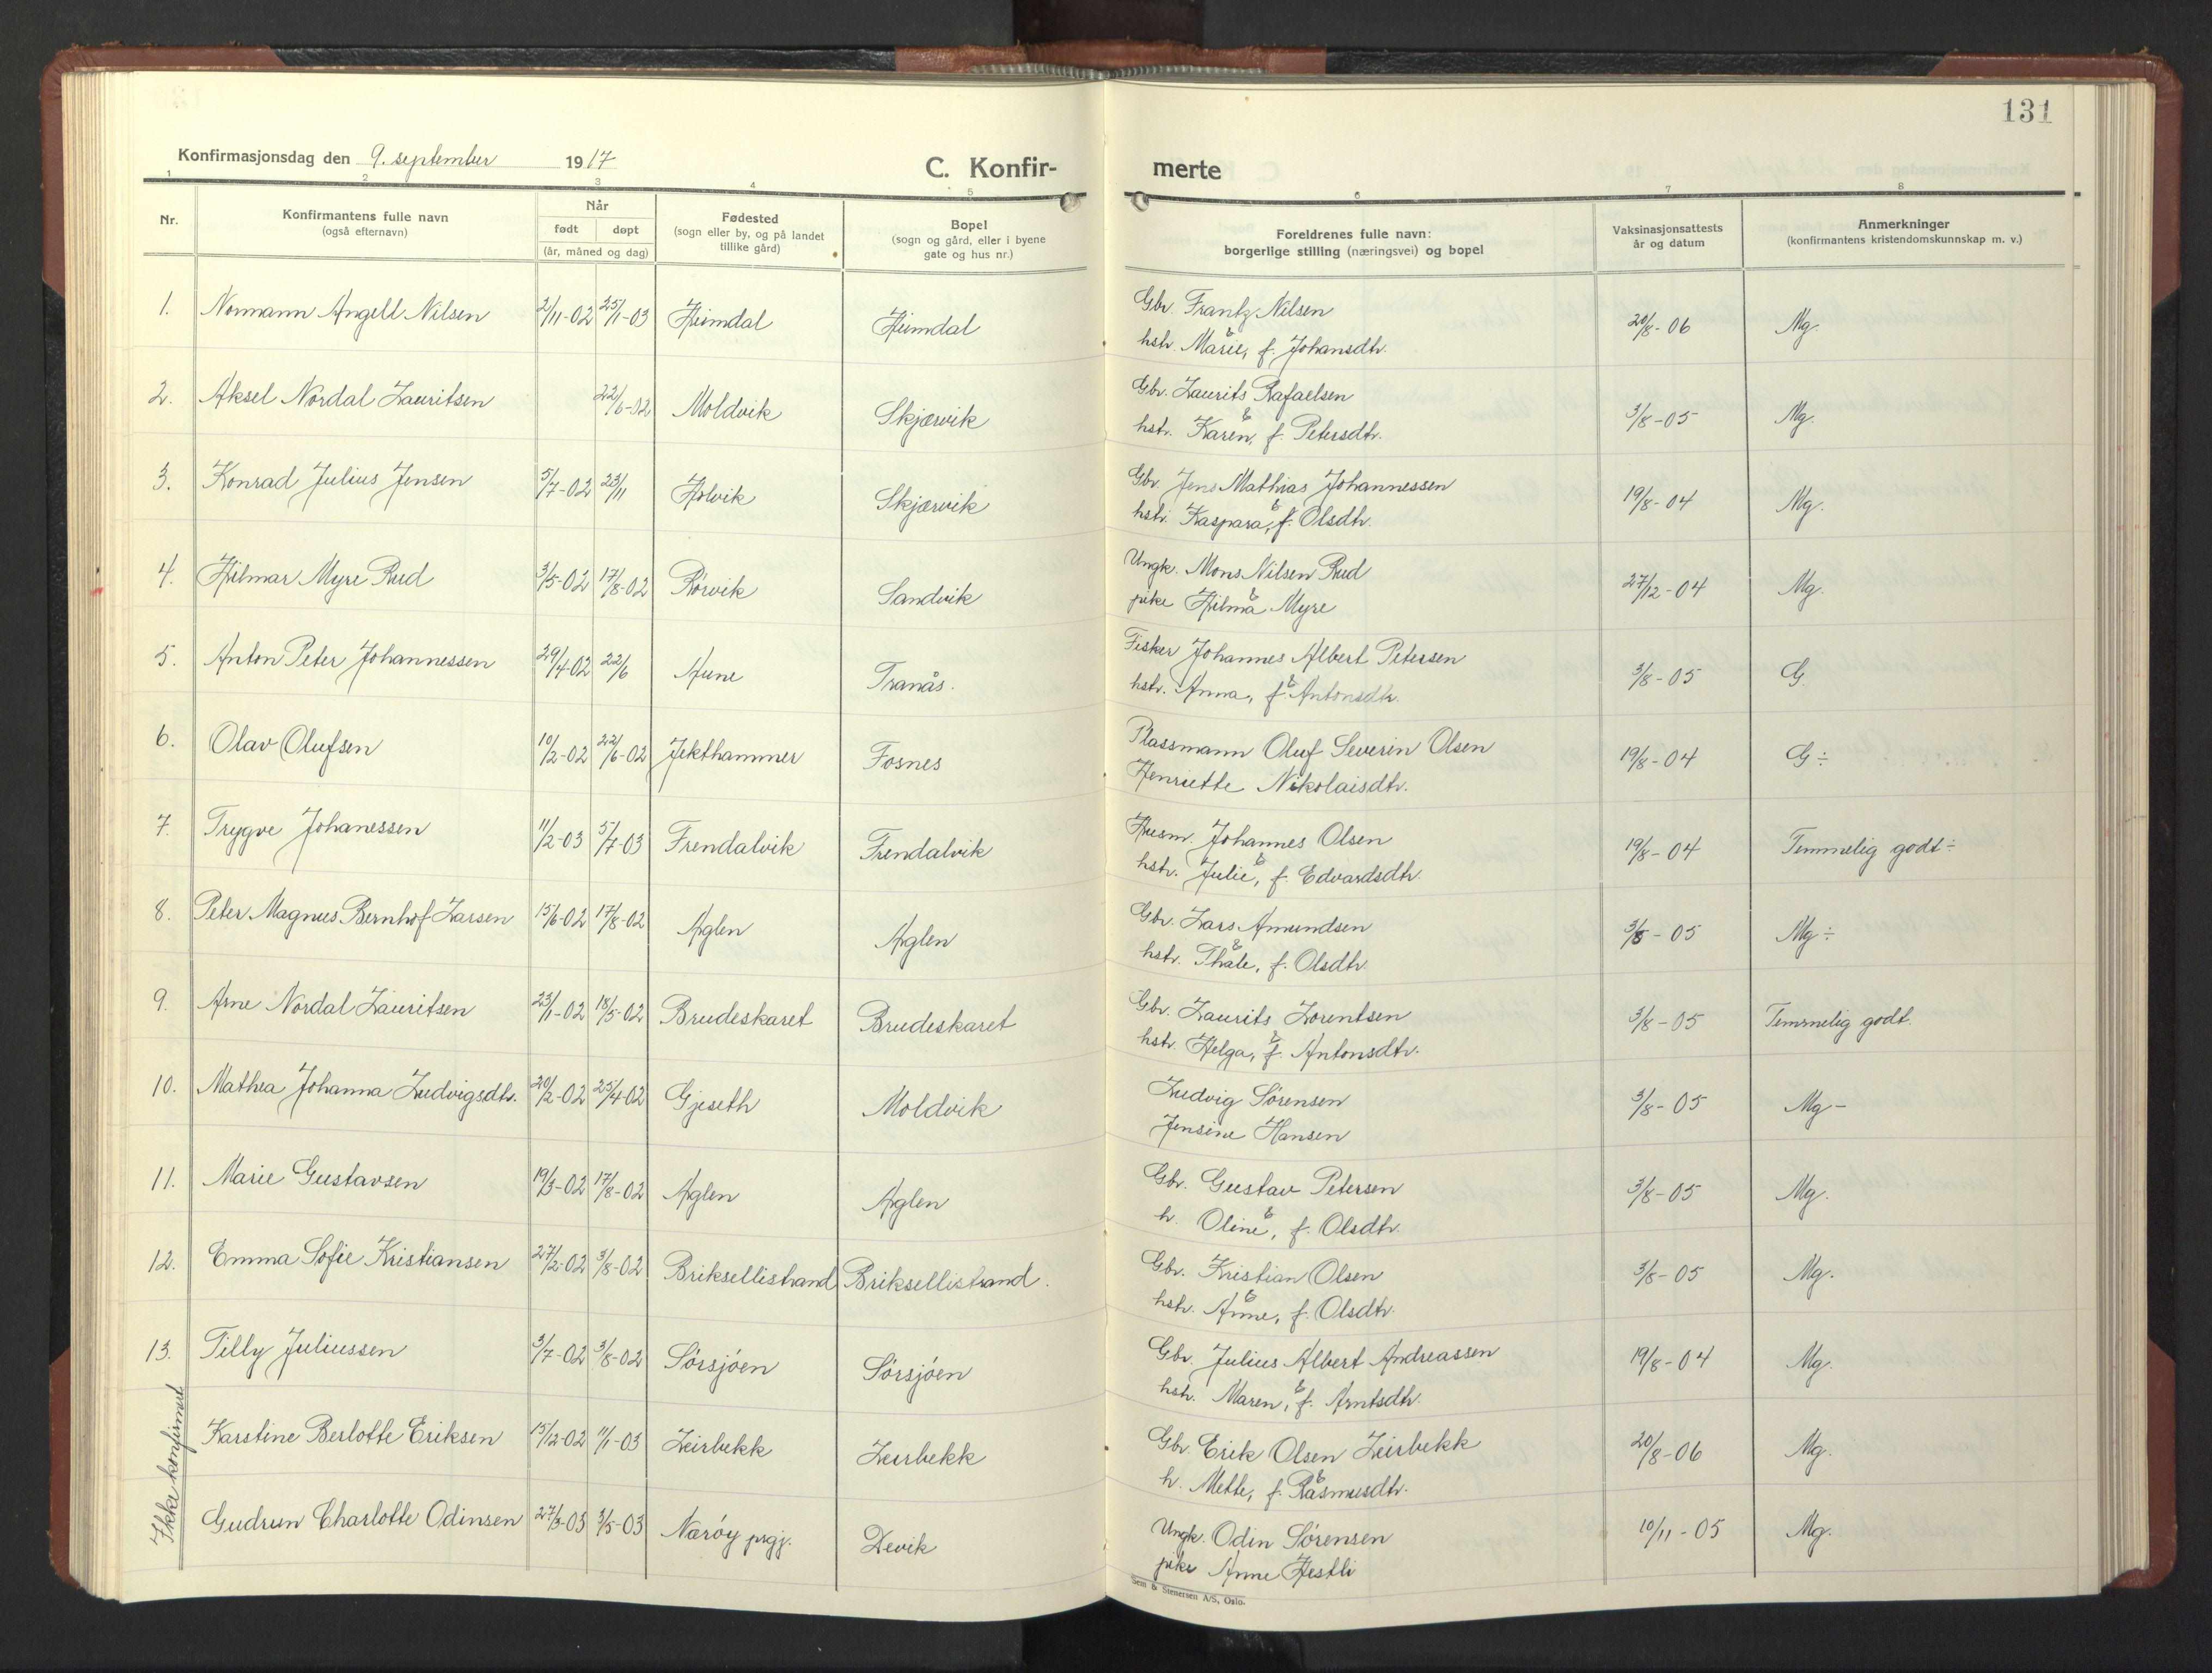 SAT, Ministerialprotokoller, klokkerbøker og fødselsregistre - Nord-Trøndelag, 773/L0625: Klokkerbok nr. 773C01, 1910-1952, s. 131